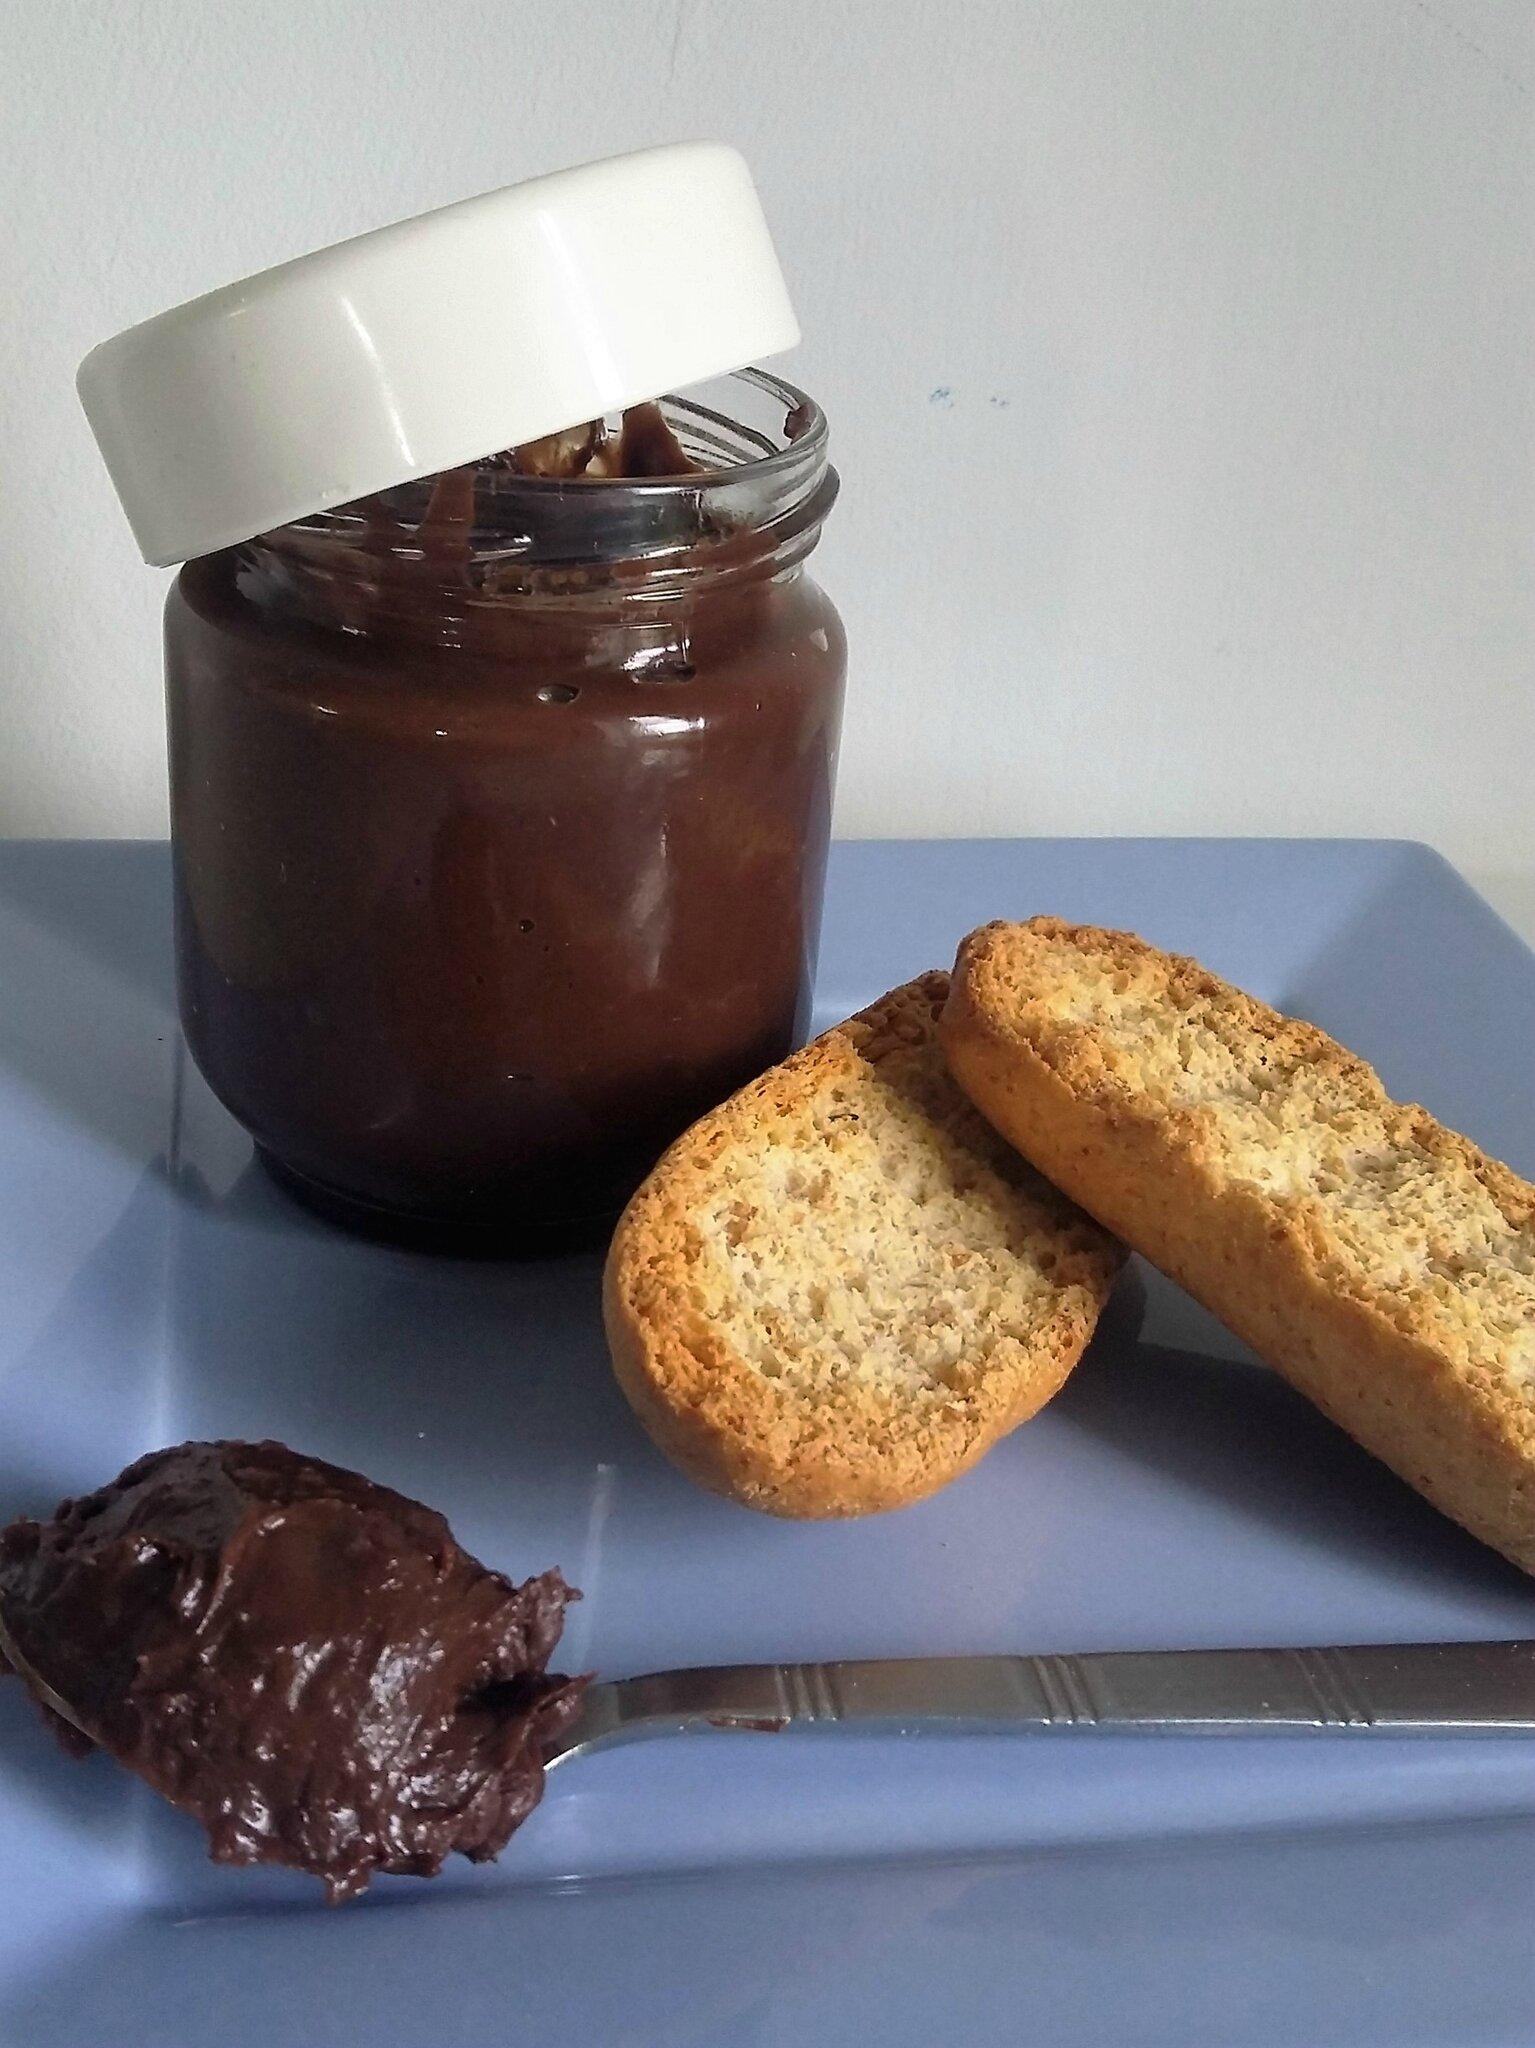 Nutella fait maison toute la famille cuisine - Nutella maison cuisine futee ...